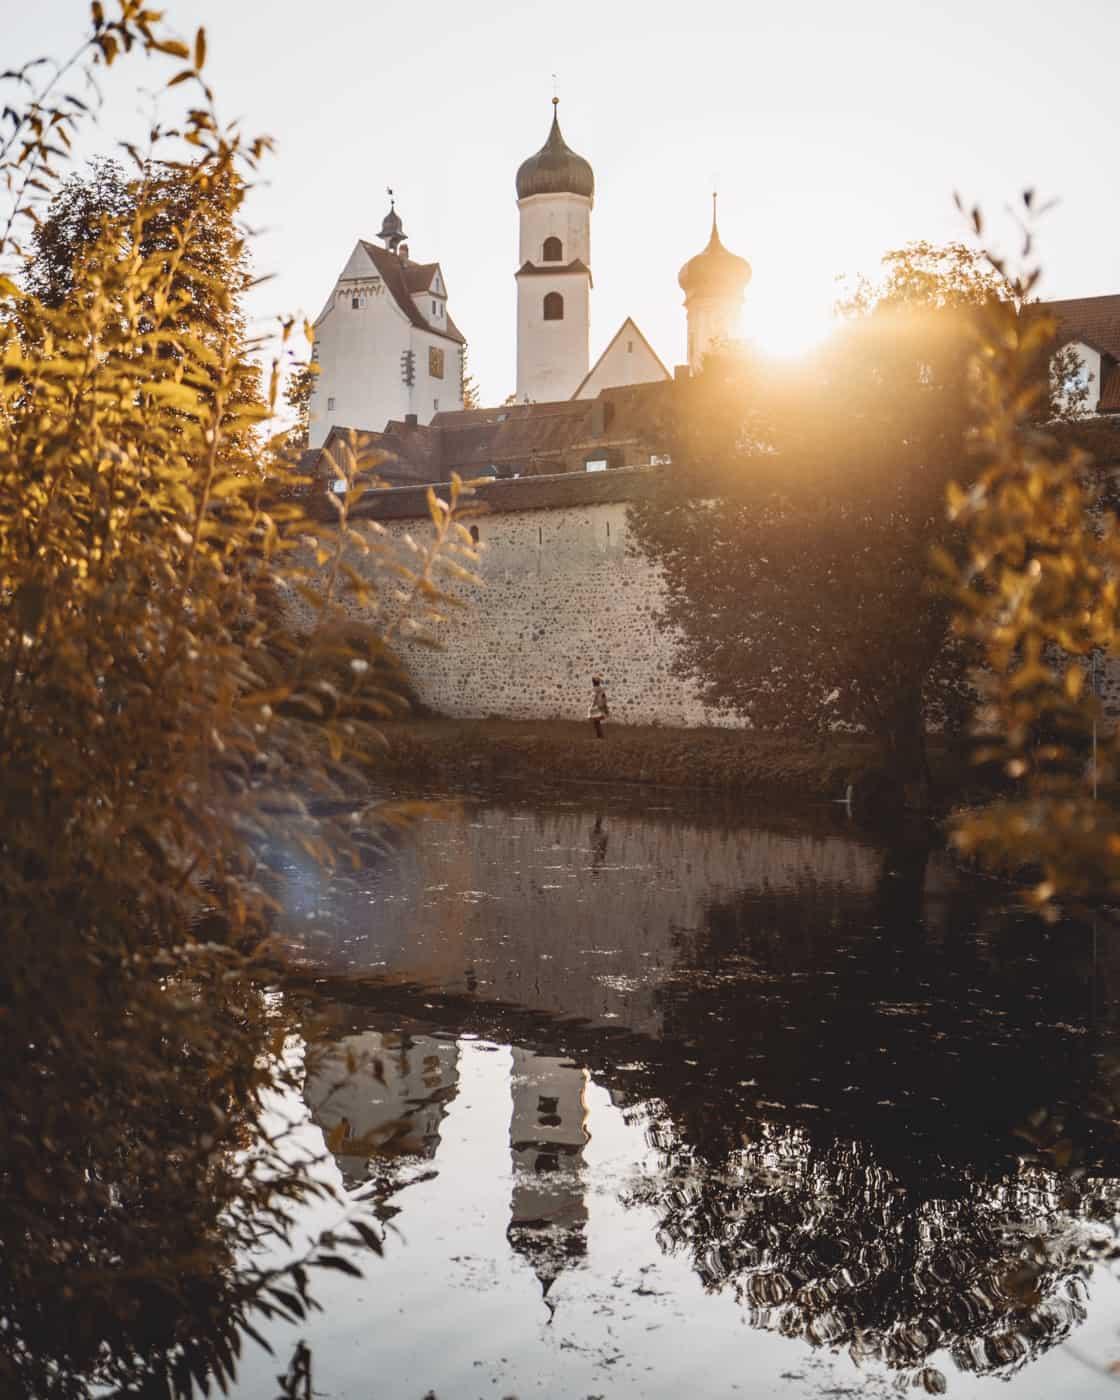 Monatsupdate November 2019 auf sonne-wolken.de